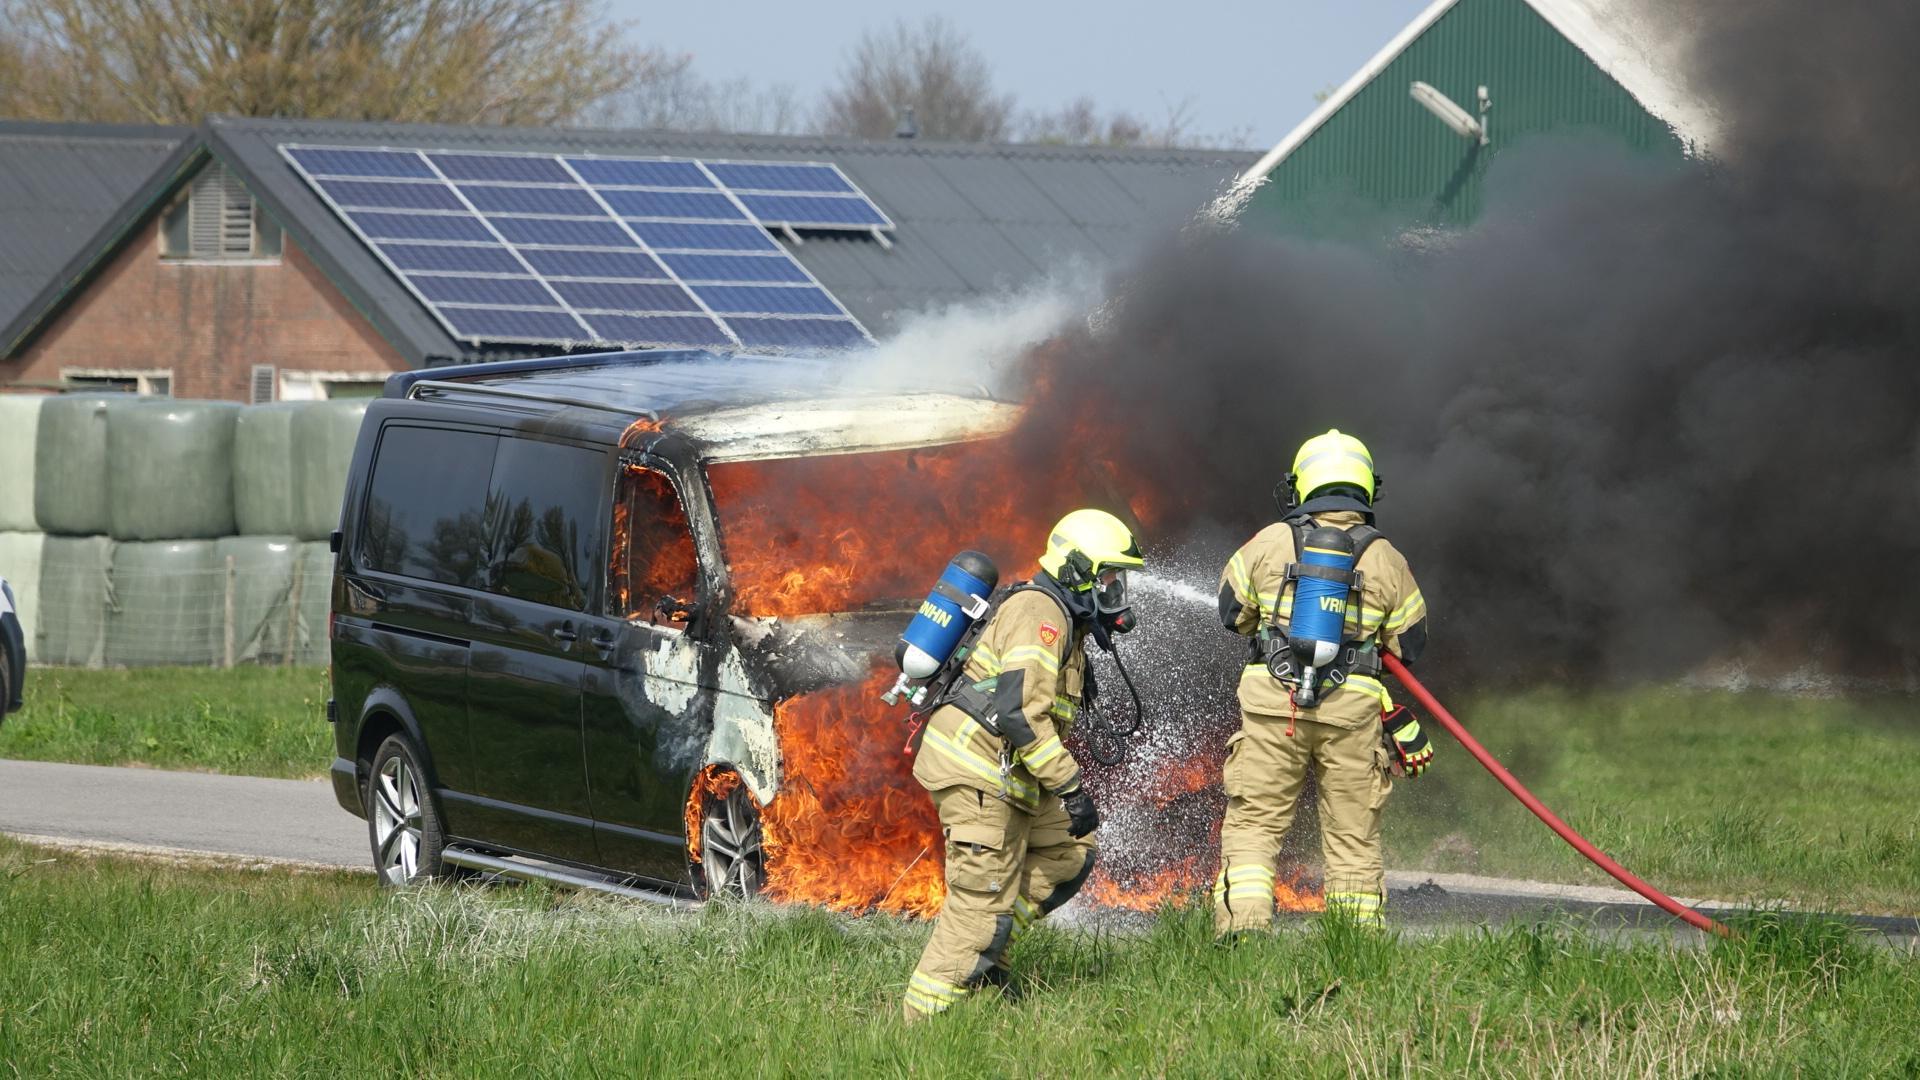 Bestelbus vliegt in brand tijdens proefrit voor APK-keuring in Lutjebroek